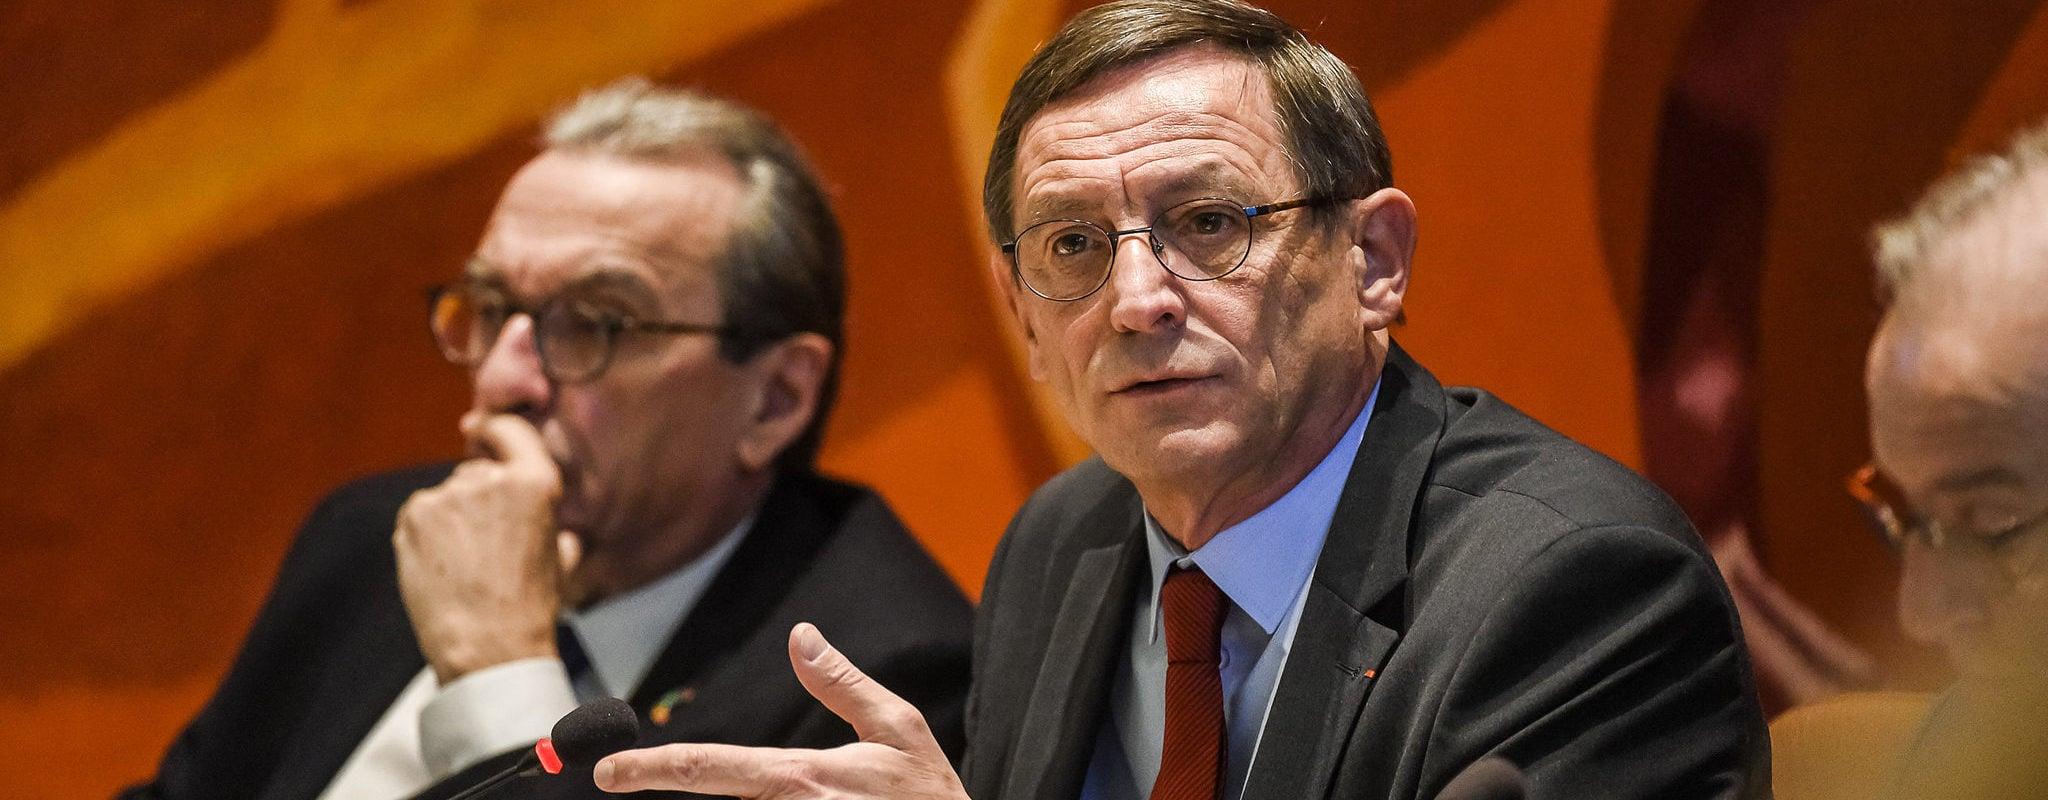 L'Eurométropole se dote d'un plan climat pour 2030 après avoir ignoré celui pour 2020